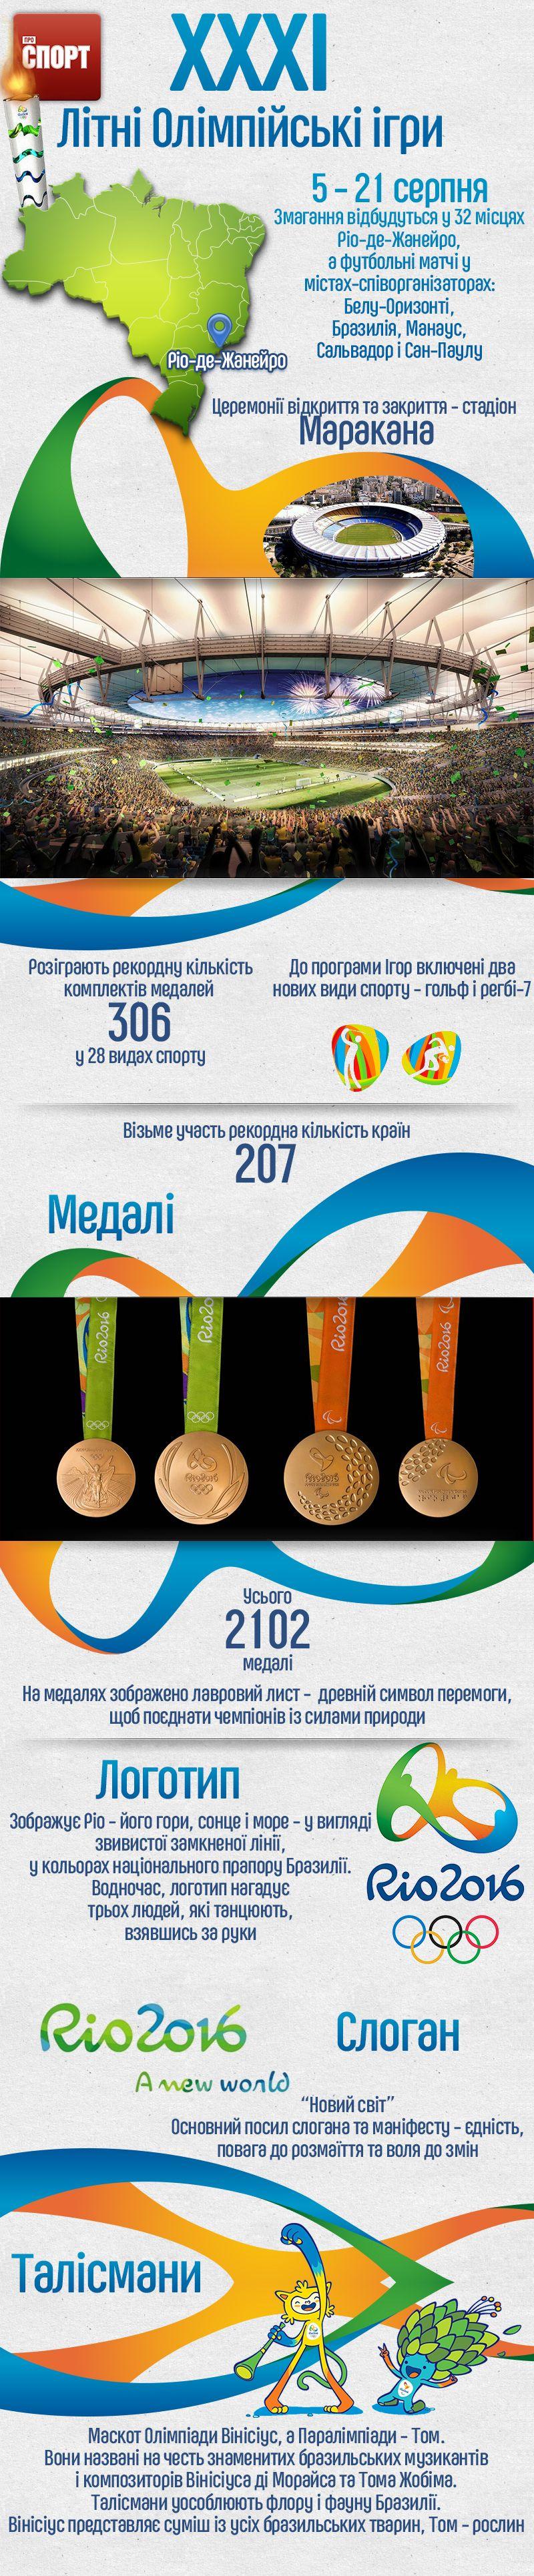 Олімпіада інфографіка